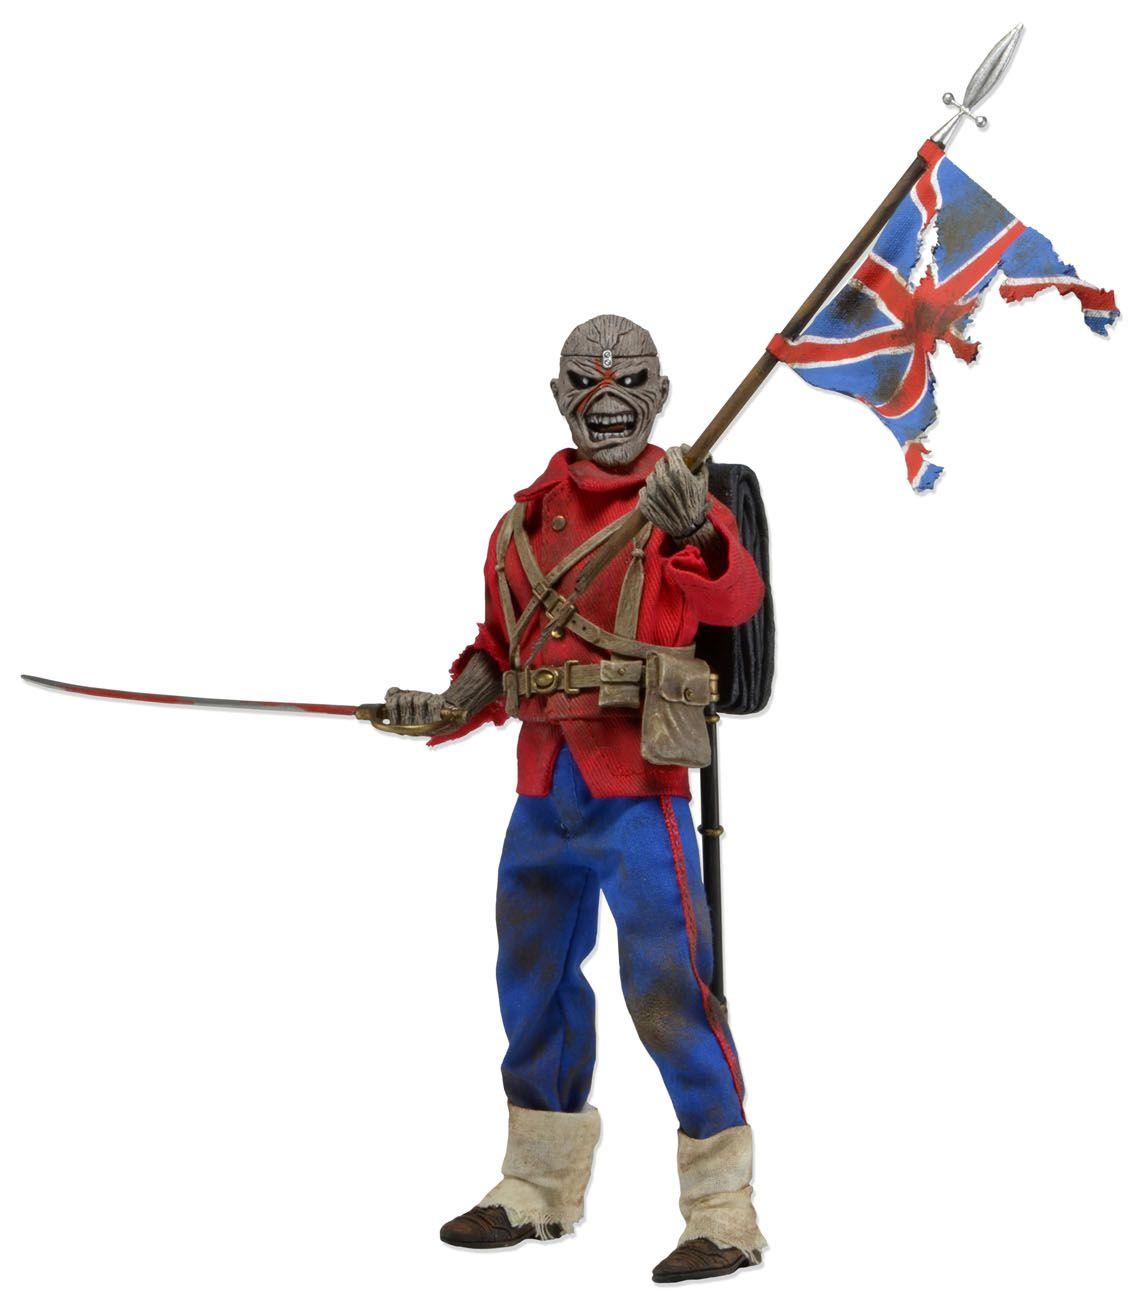 Eddie - Iron Maiden The Trooper - NECA